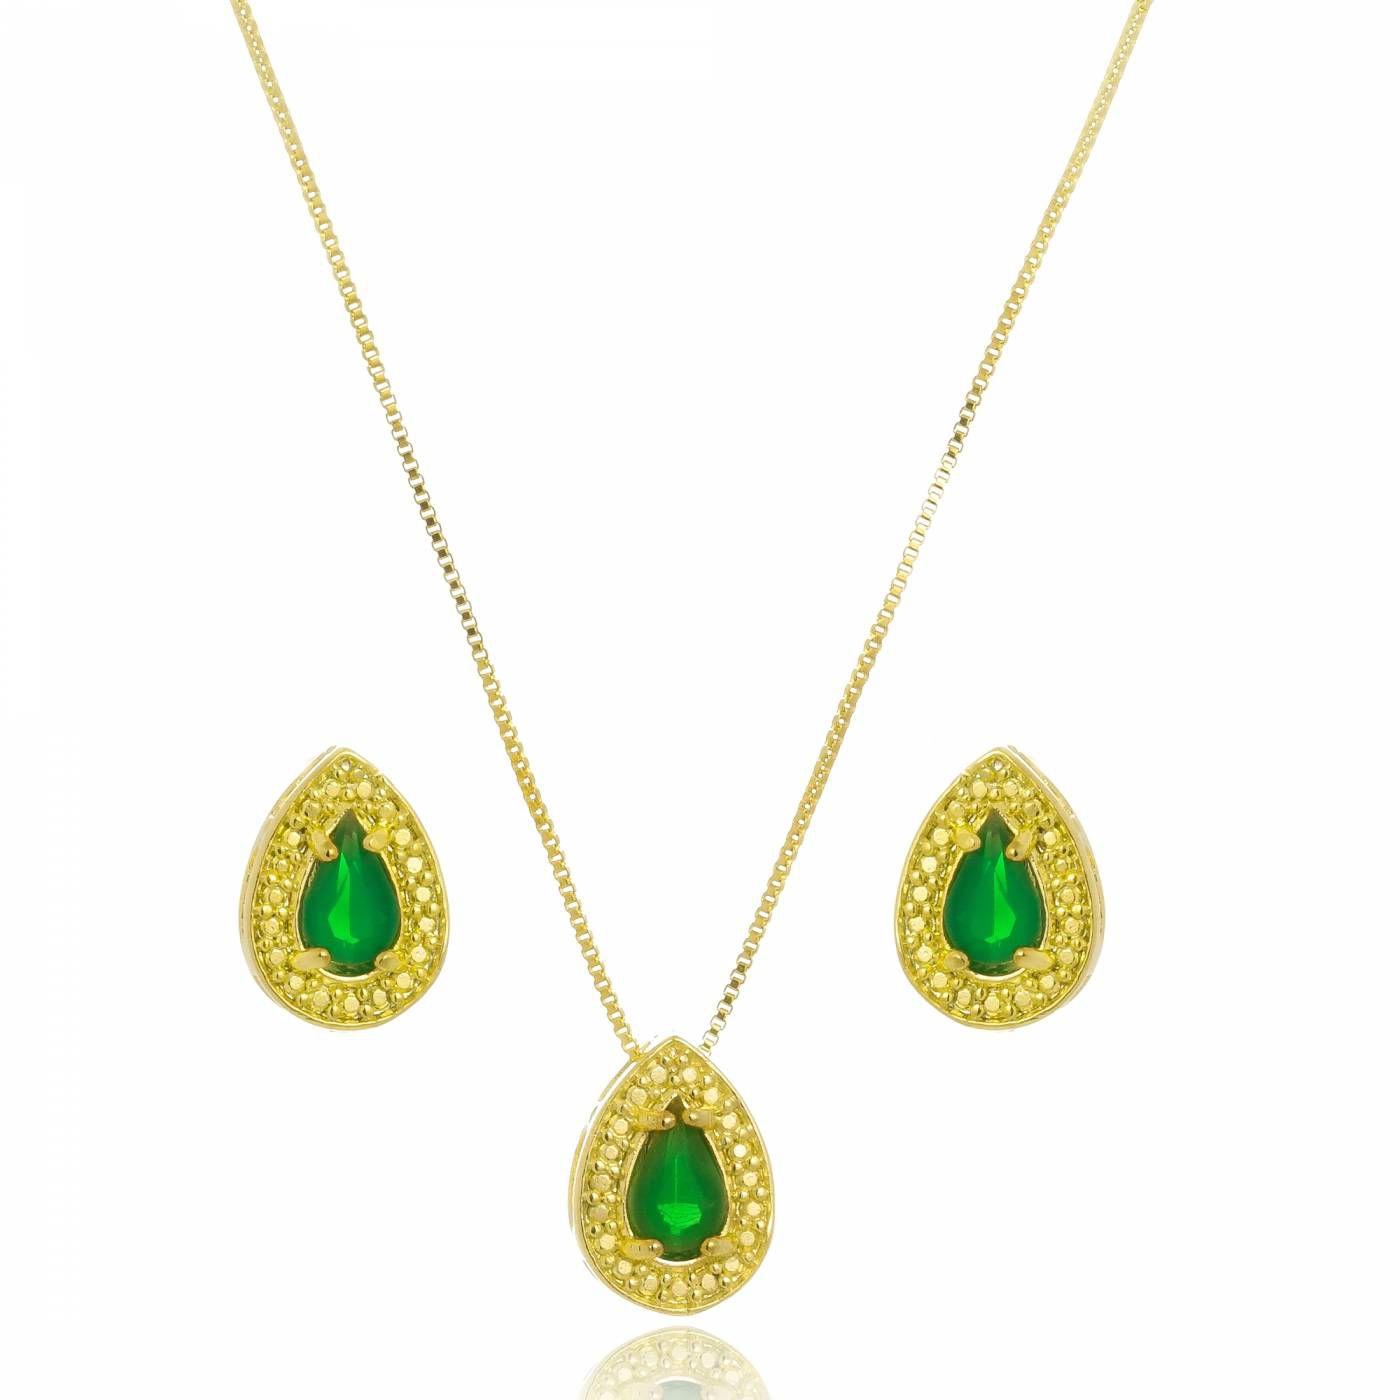 Conjunto Colar e Brinco Gota com Cristal Verde Folheado a Ouro 18K